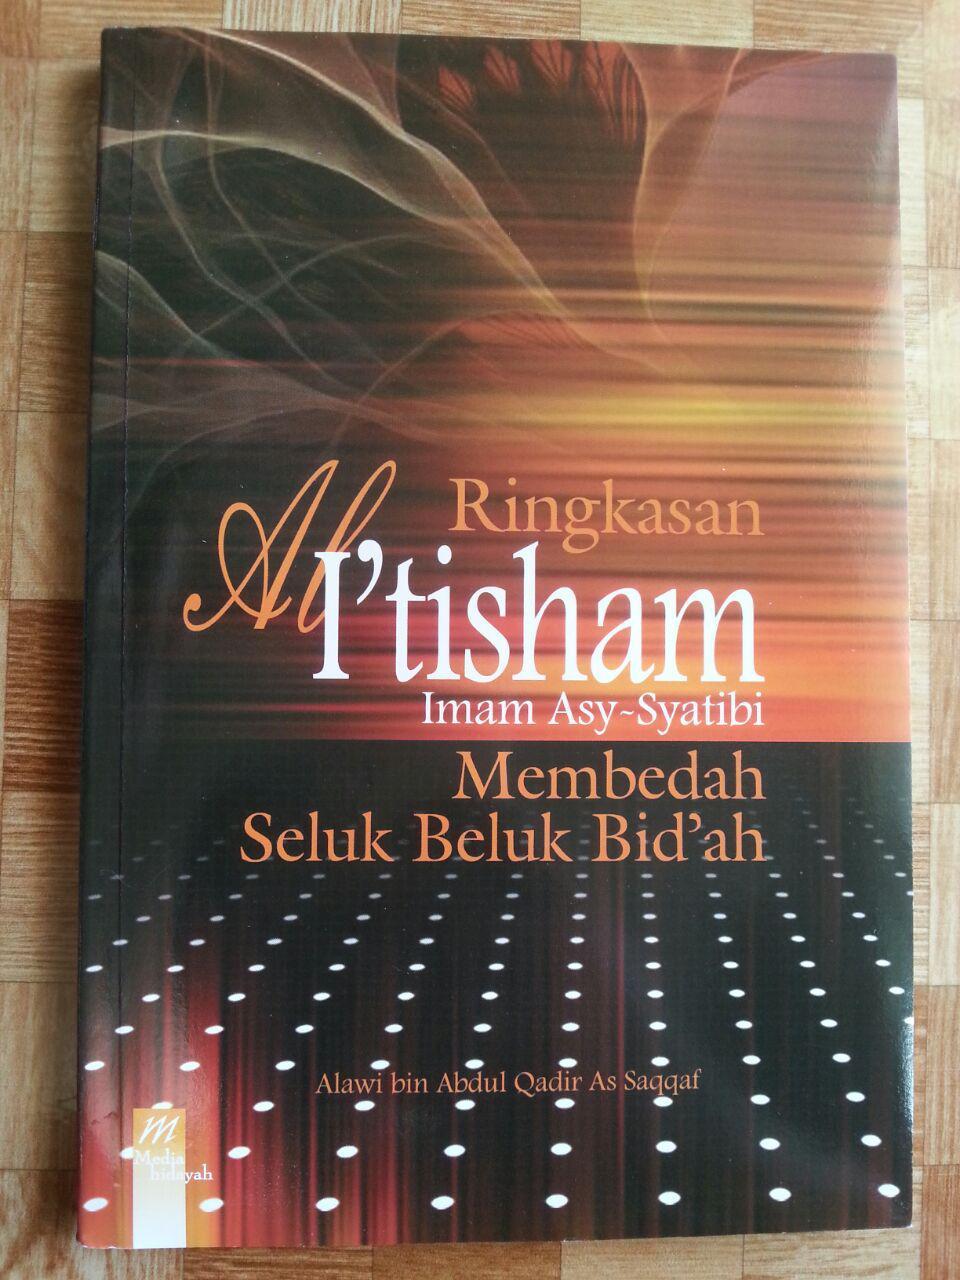 Buku Ringkasan Al-I'tisham (Membedah Seluk Beluk Bidah) cover 2